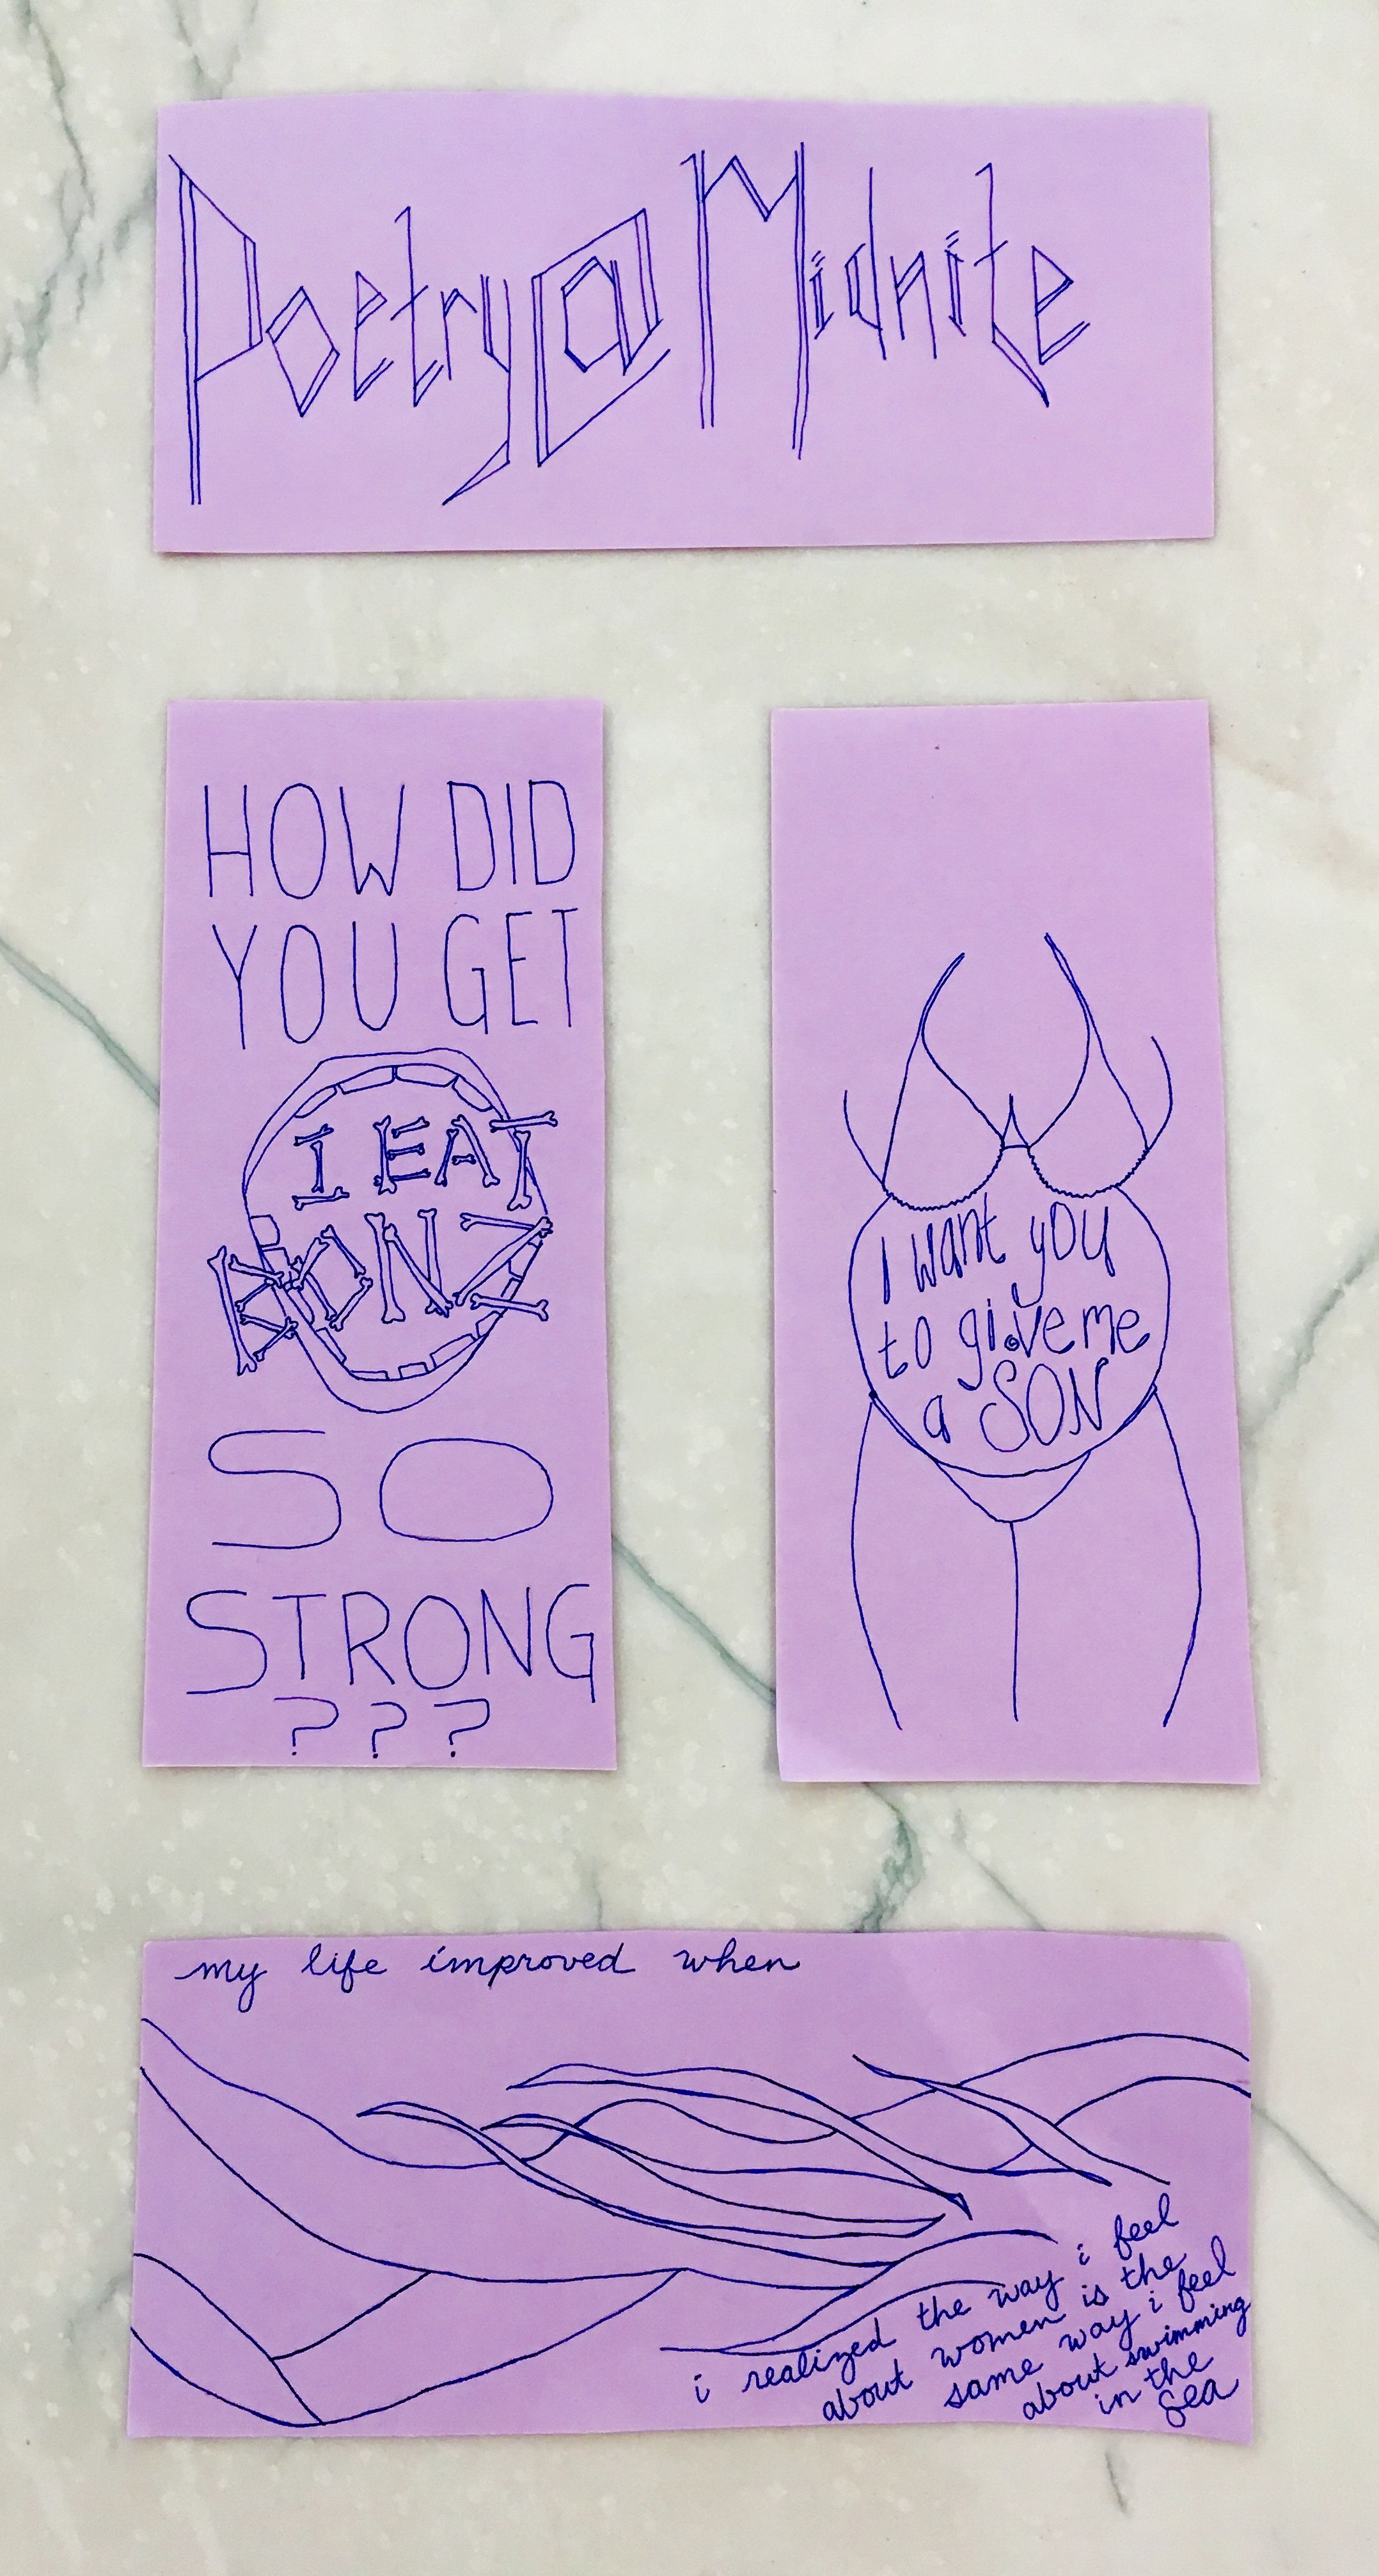 strippercomic.jpg